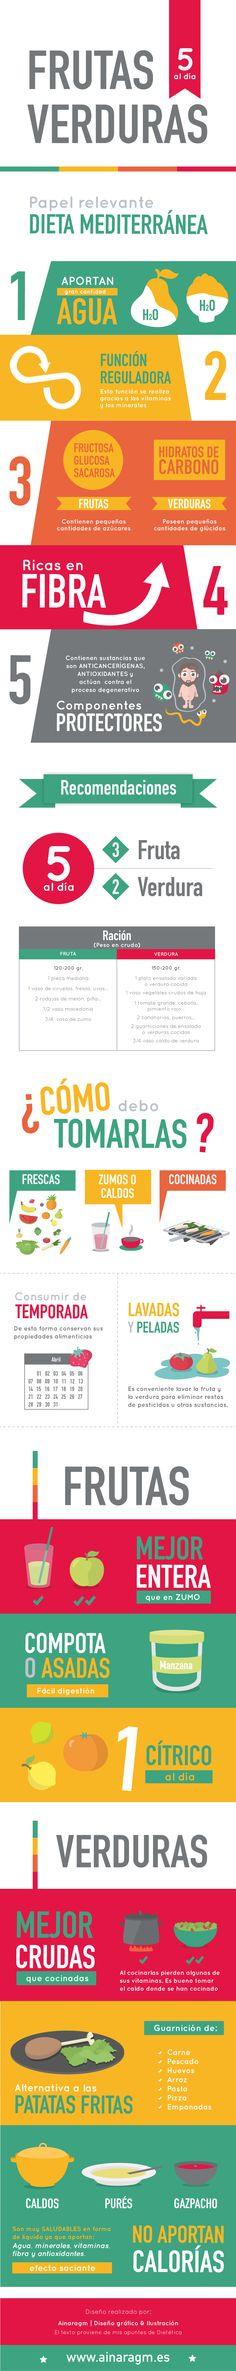 Infografía sobre la importancia de las frutas y las verduras en nuestra alimentación